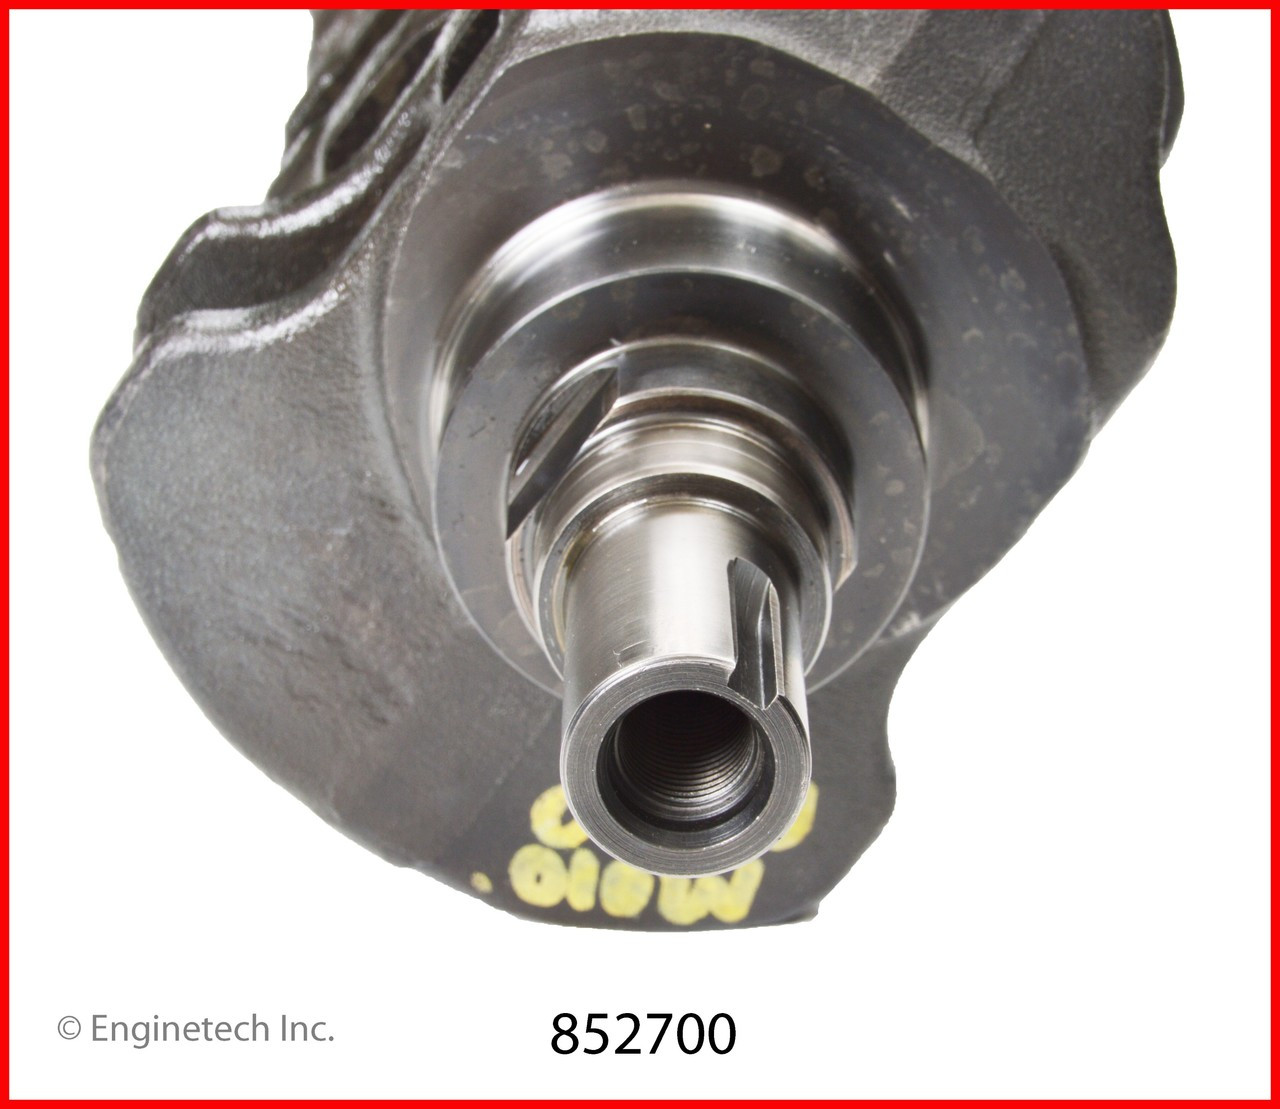 1988 Honda Civic 1.6L Engine Crankshaft Kit 852700 -1